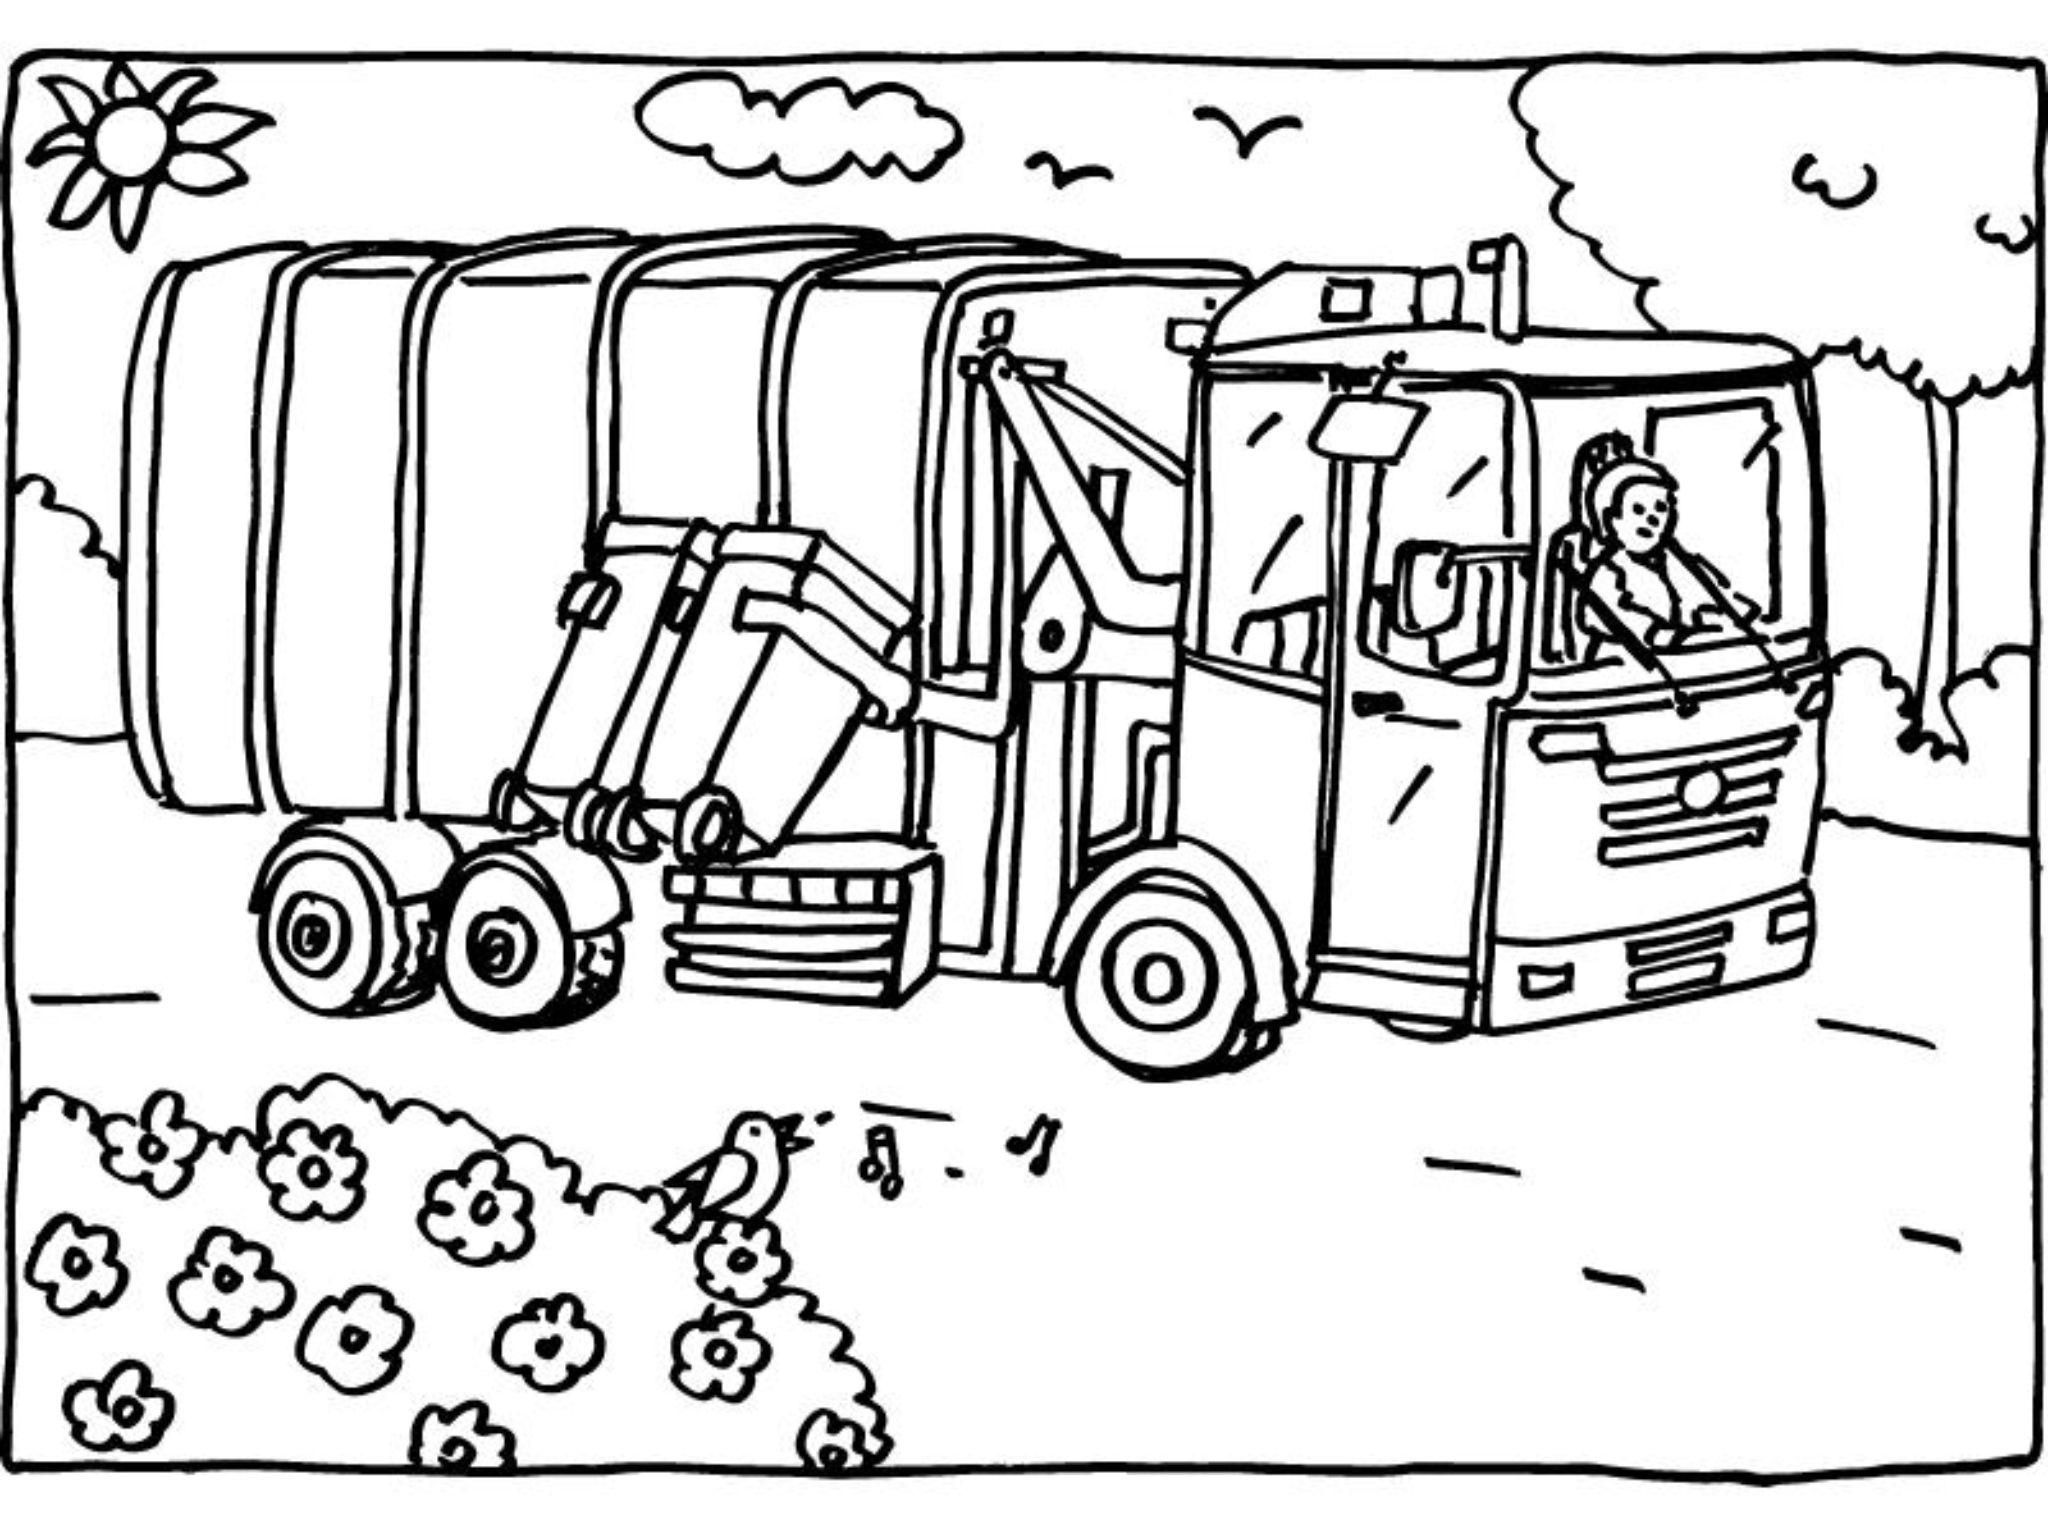 kleurprent vuilniswagen afval creative